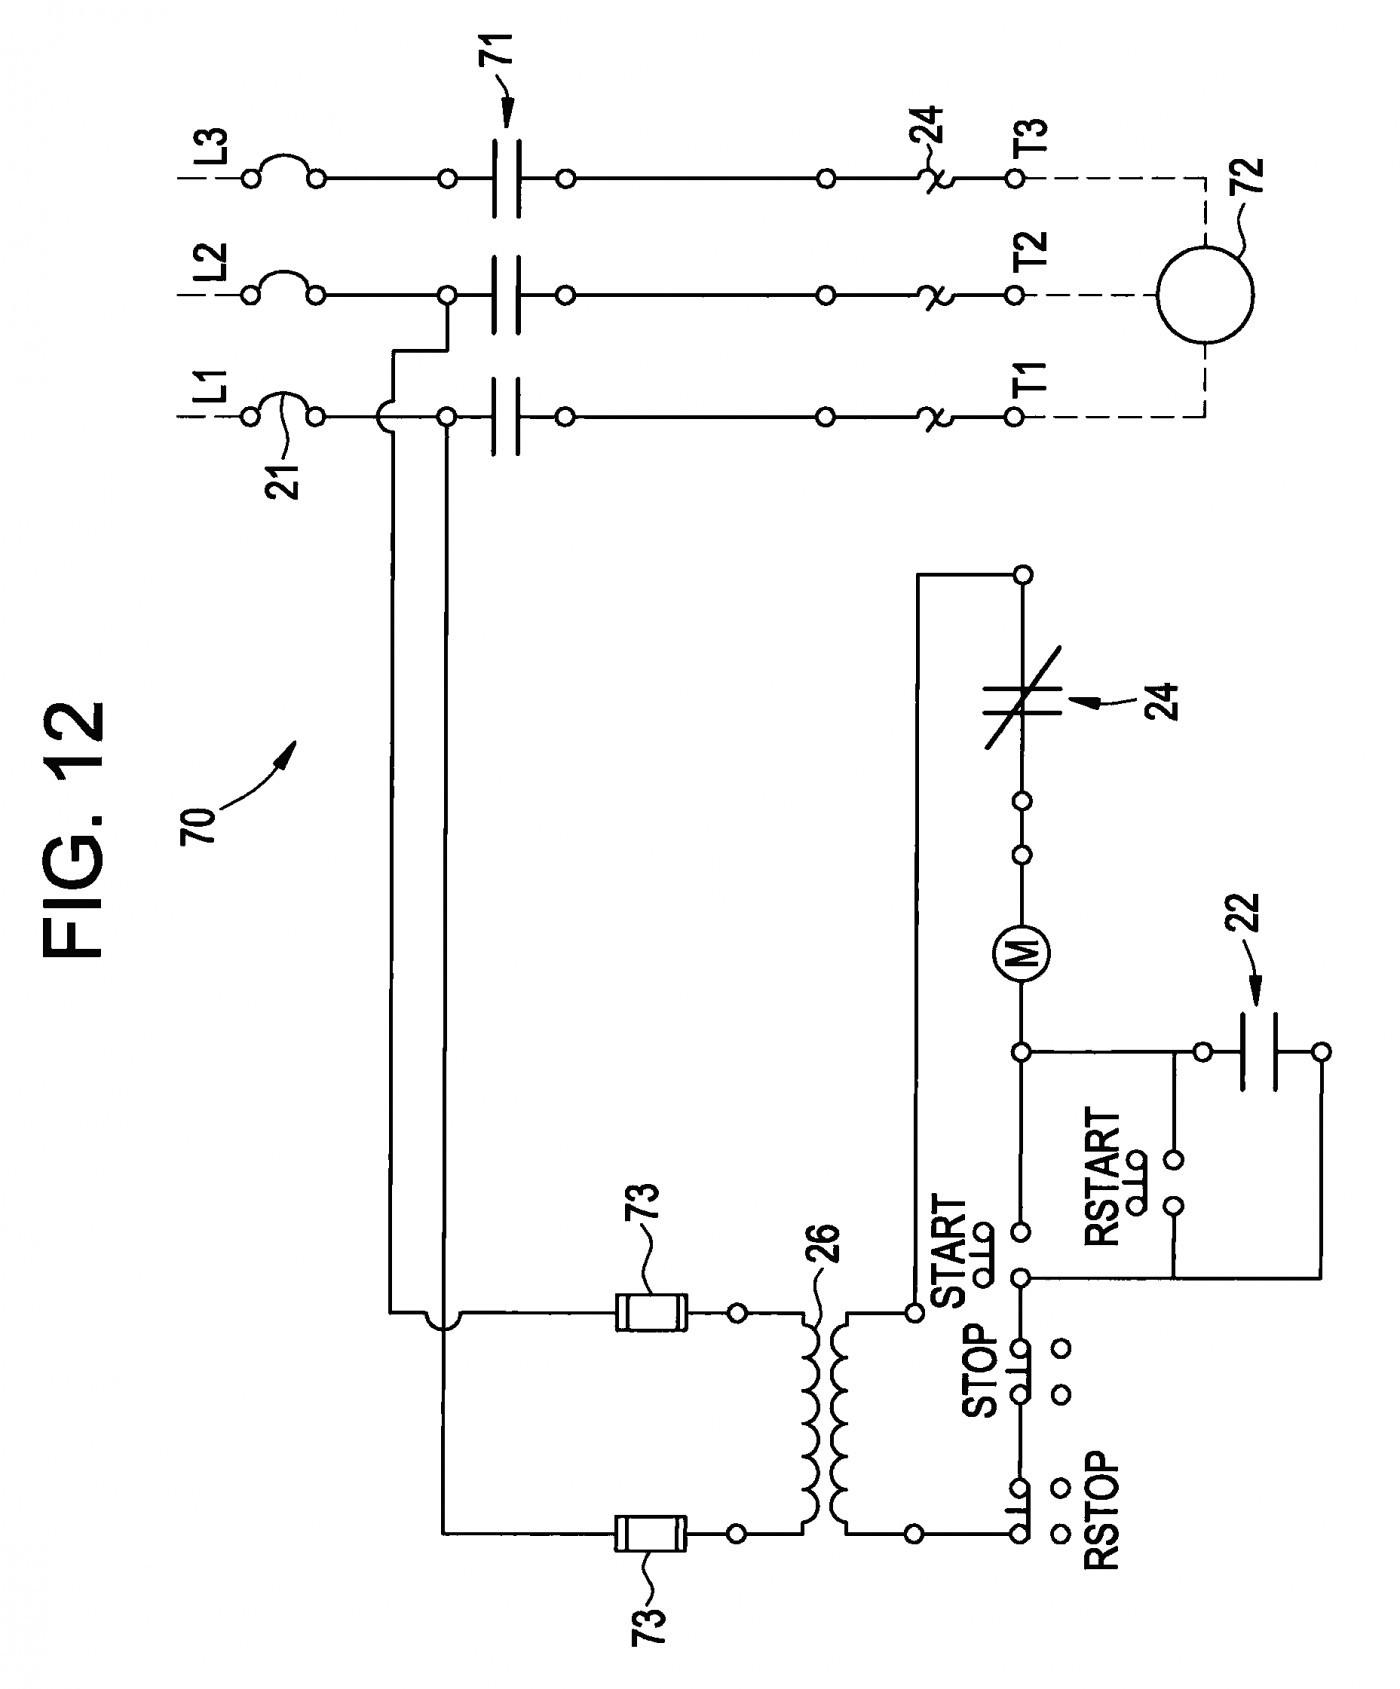 Pressure Switch Wiring Diagram Air Compressor Beautiful Air Pressor ...